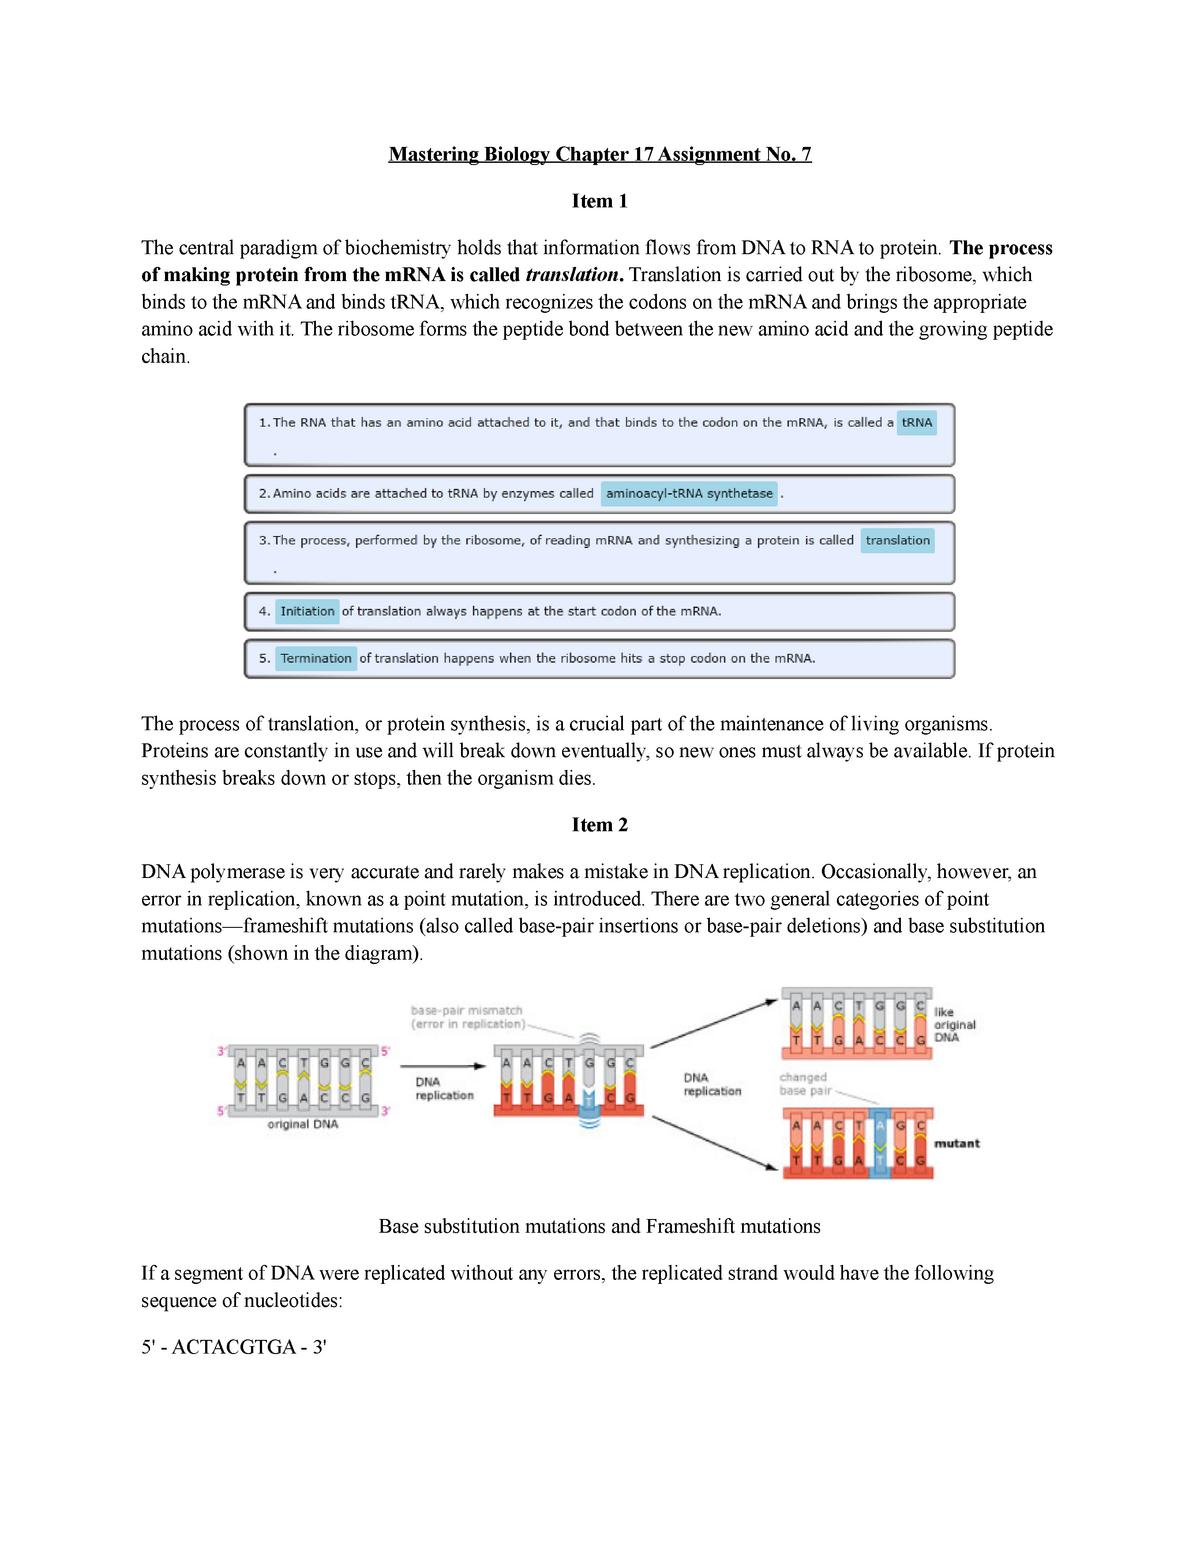 Mastering Biology Chapter 17 - ABIO 121 - UAlbany - StuDocu